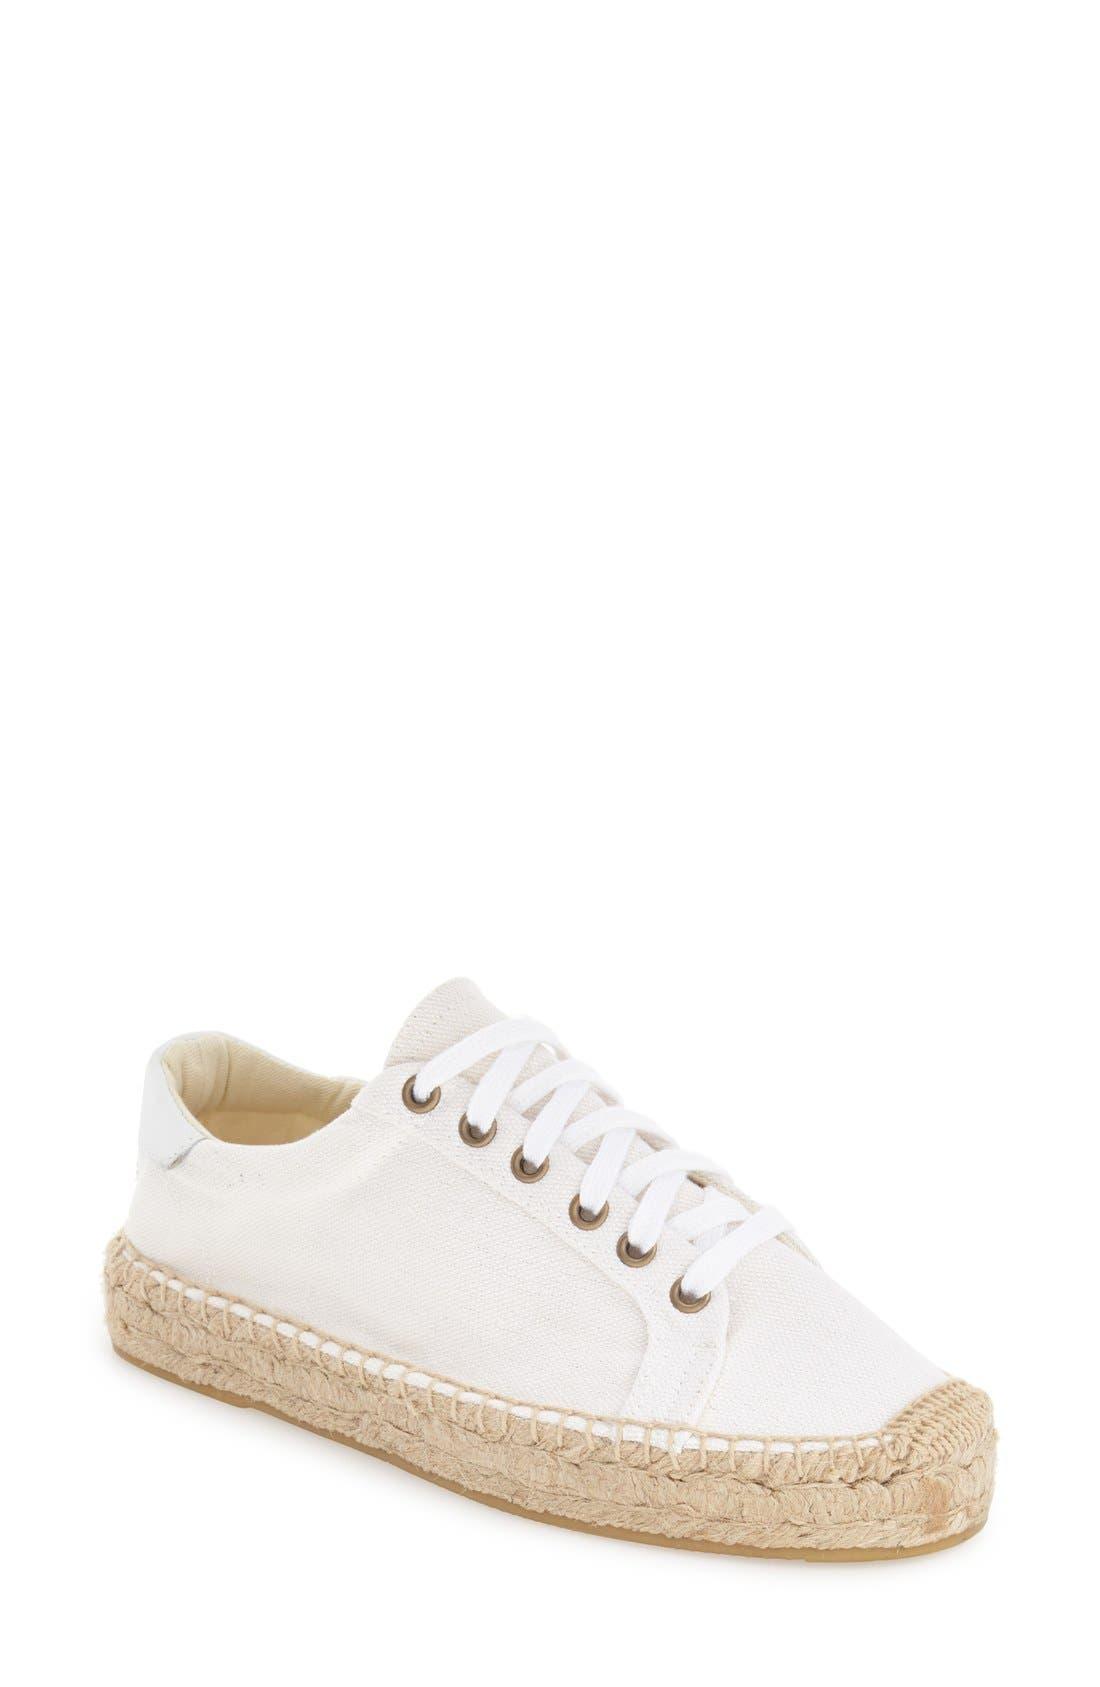 Espadrille Platform Sneaker,                             Main thumbnail 1, color,                             100